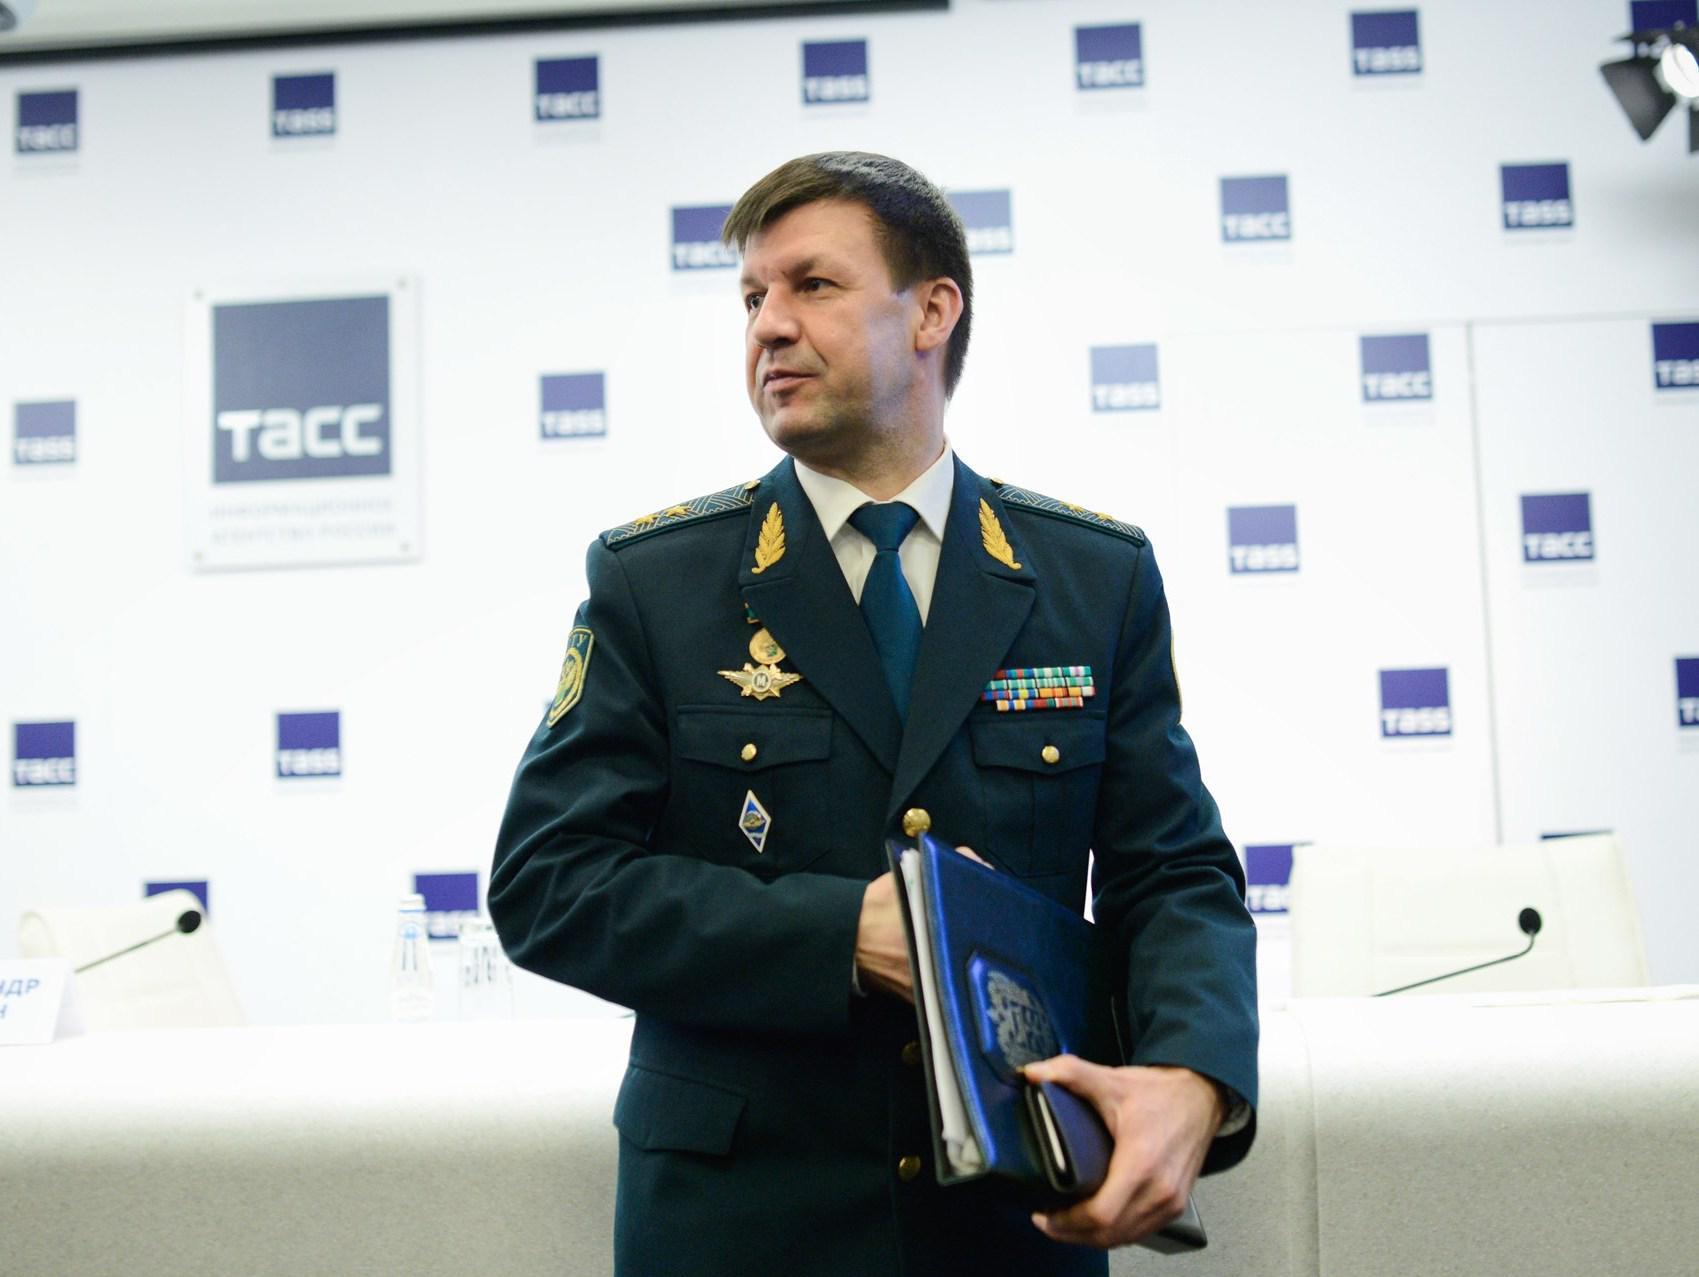 Хочешь работать — давай 1 млн рублей. В Выборге растаможили нешуточный скандал